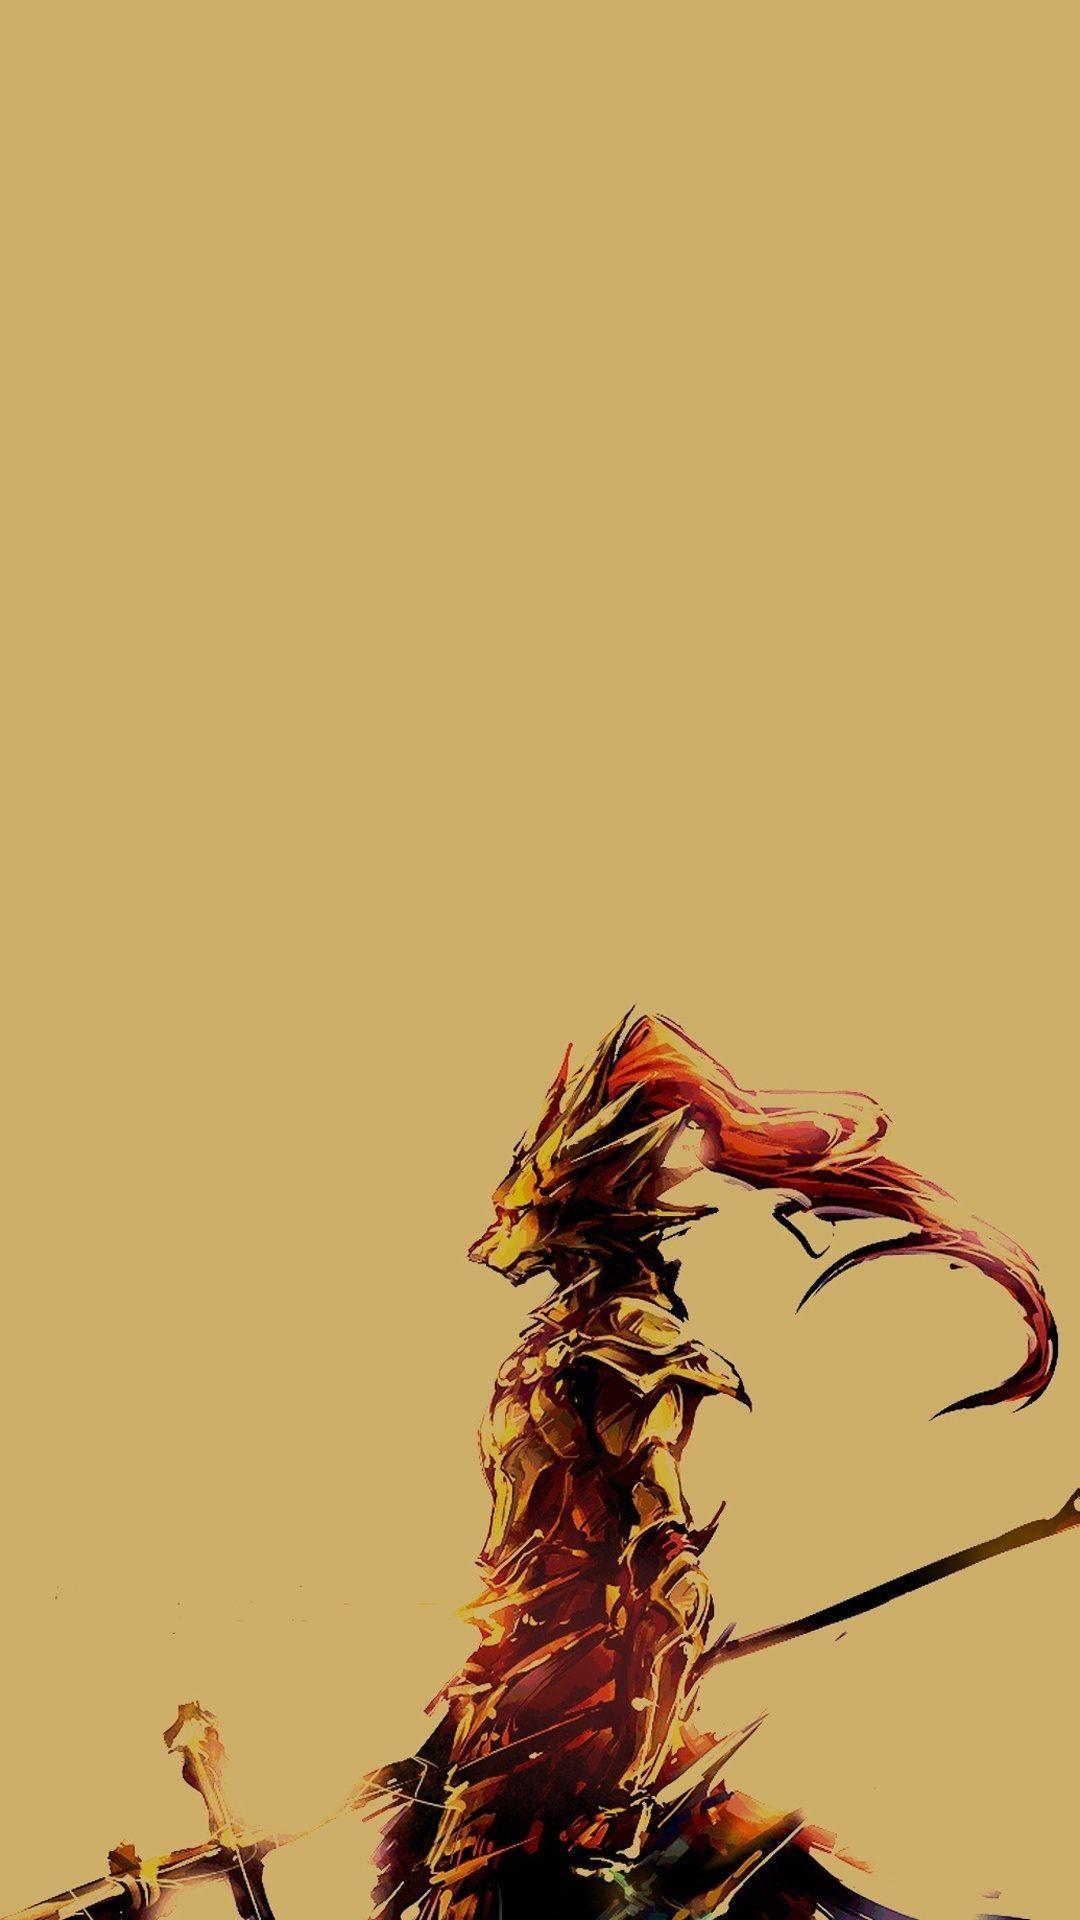 Dark Souls Bonfire iPhone Wallpapers - Top Free Dark Souls ...